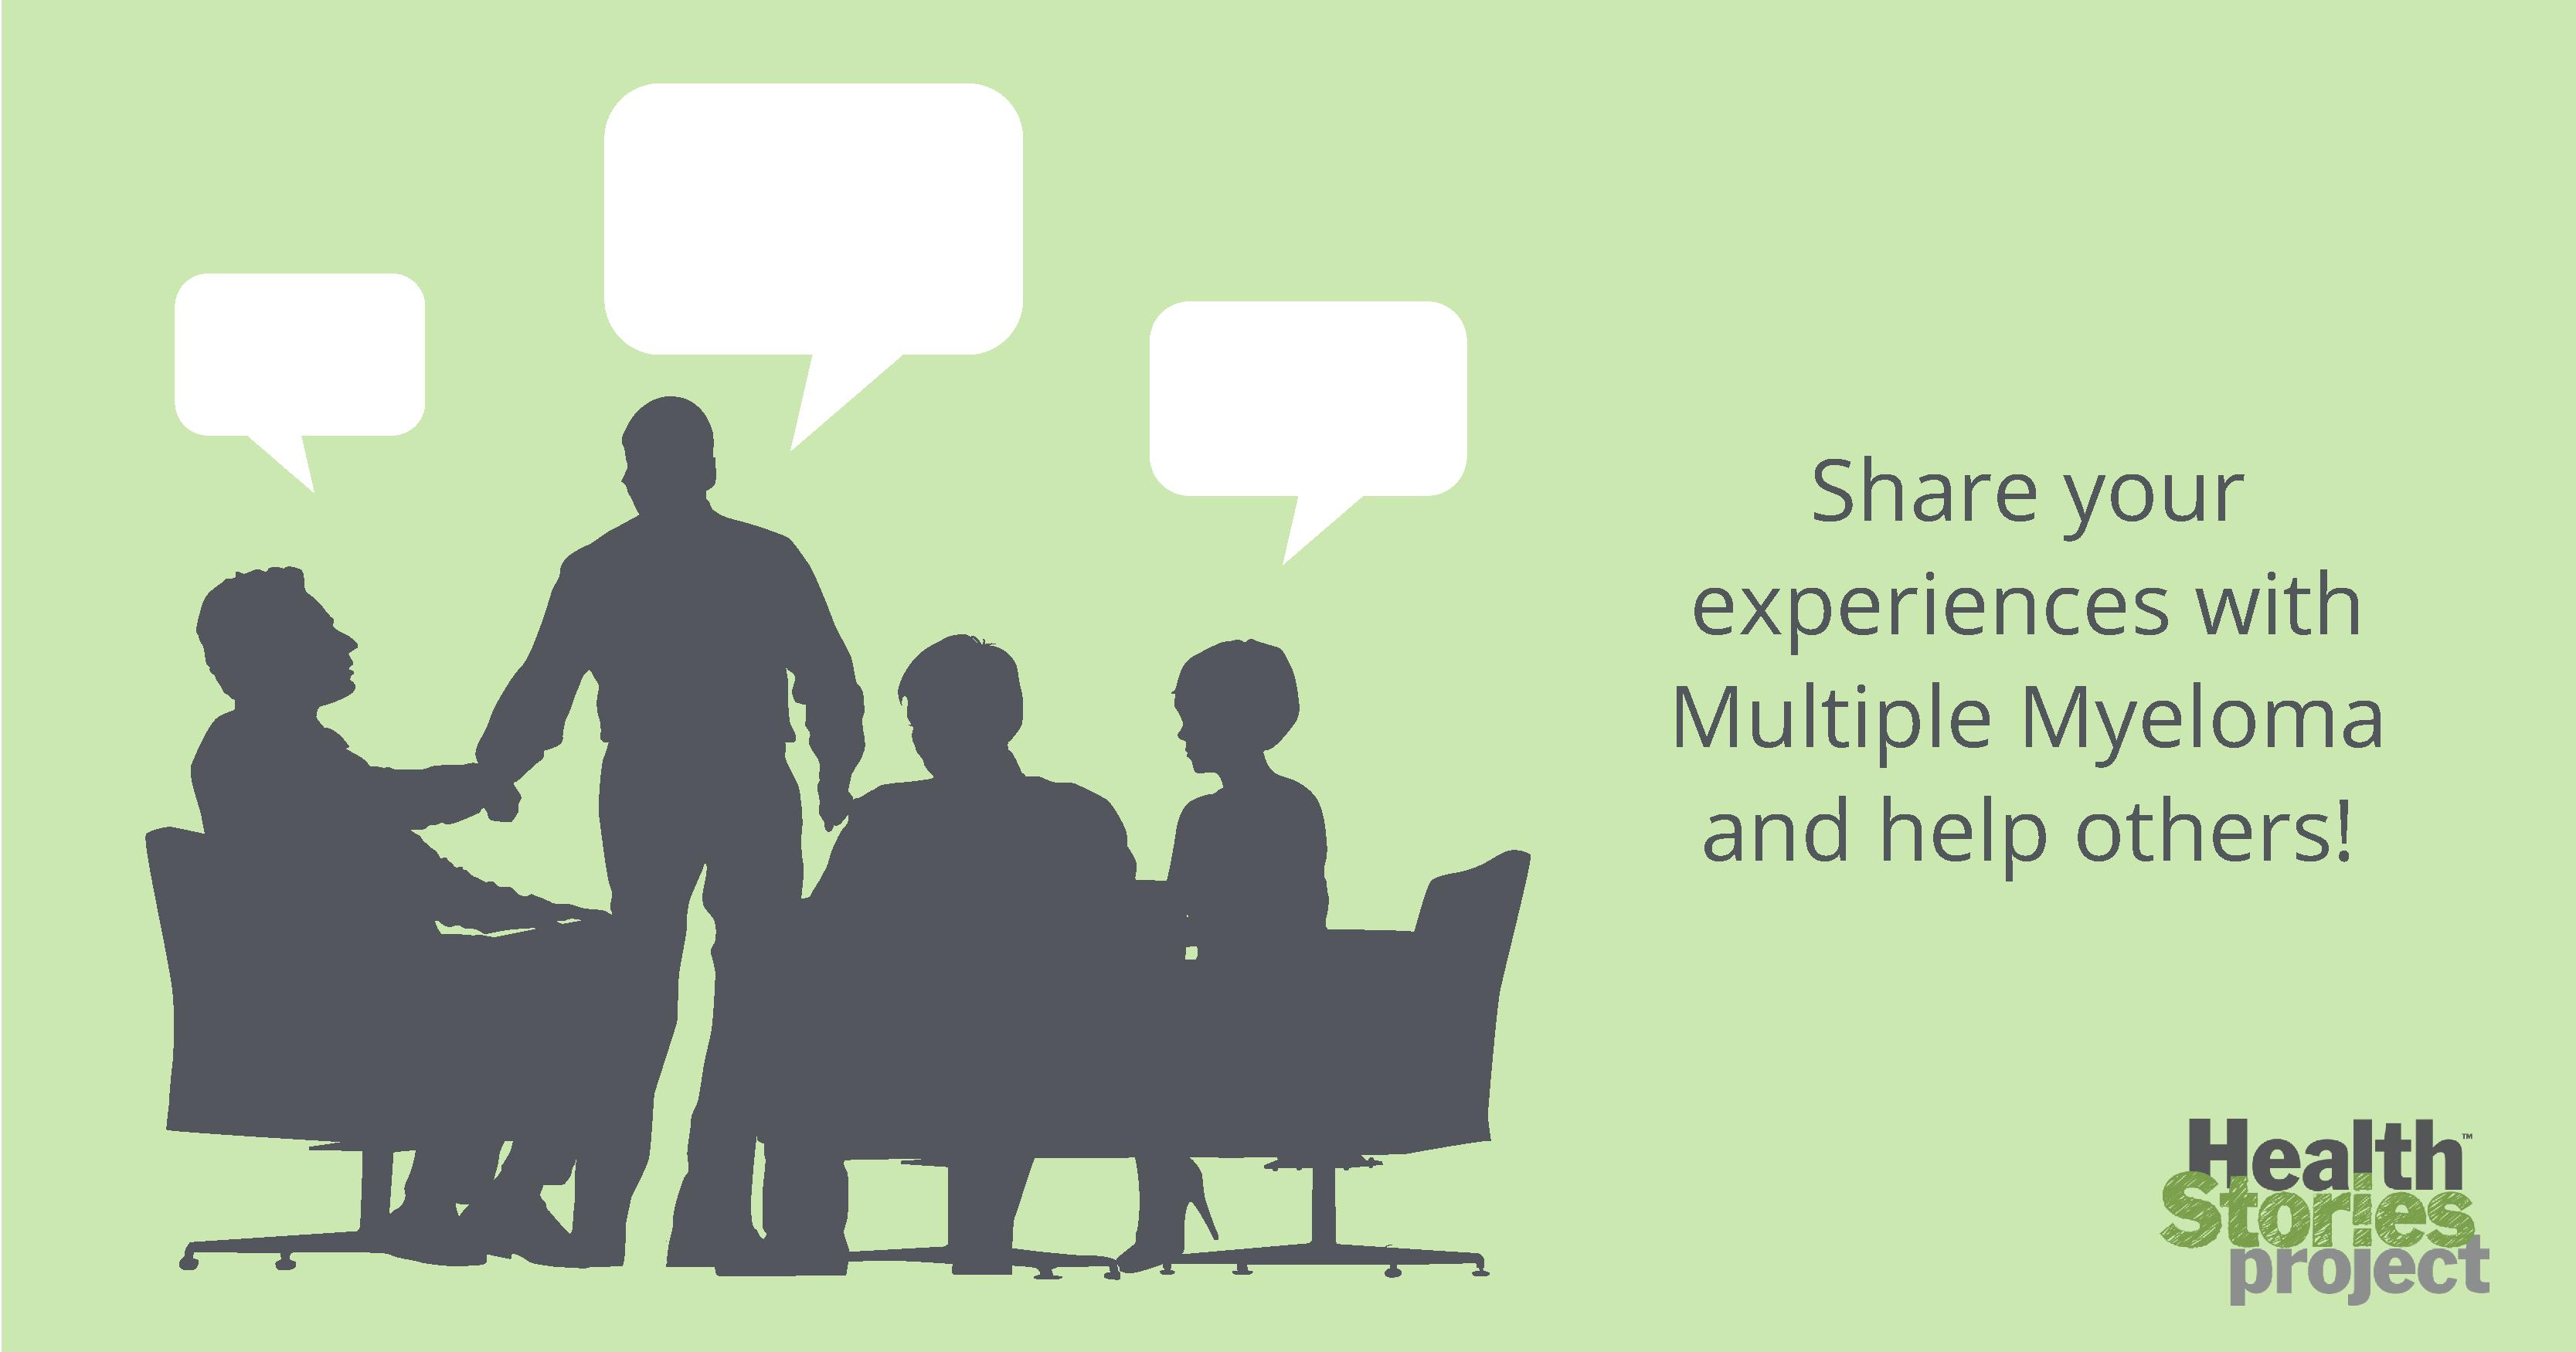 Seeking Multiple Myeloma Support